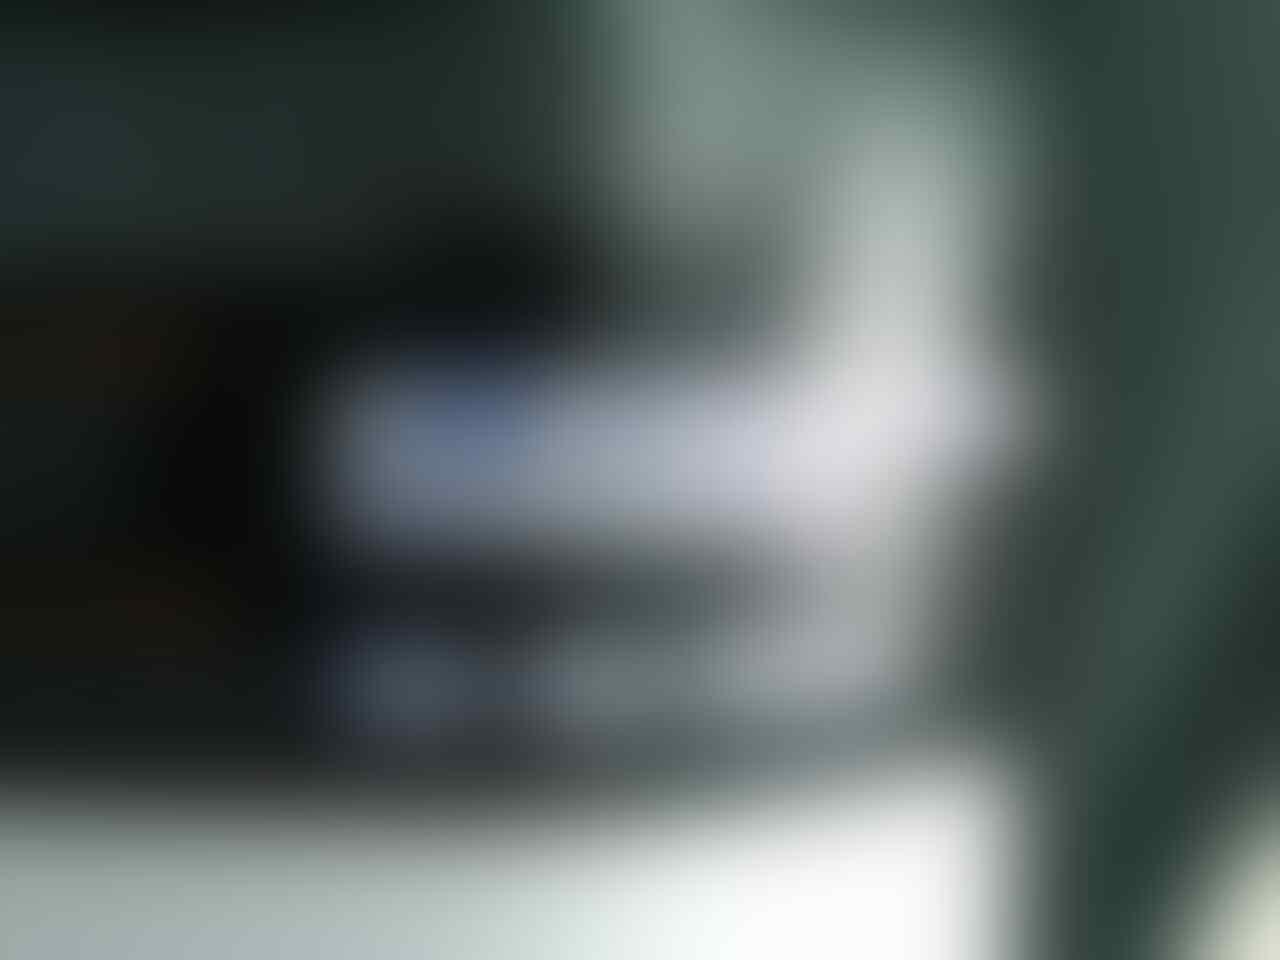 jual bb blackberry amstrong 9320 baru 2 bulan pake